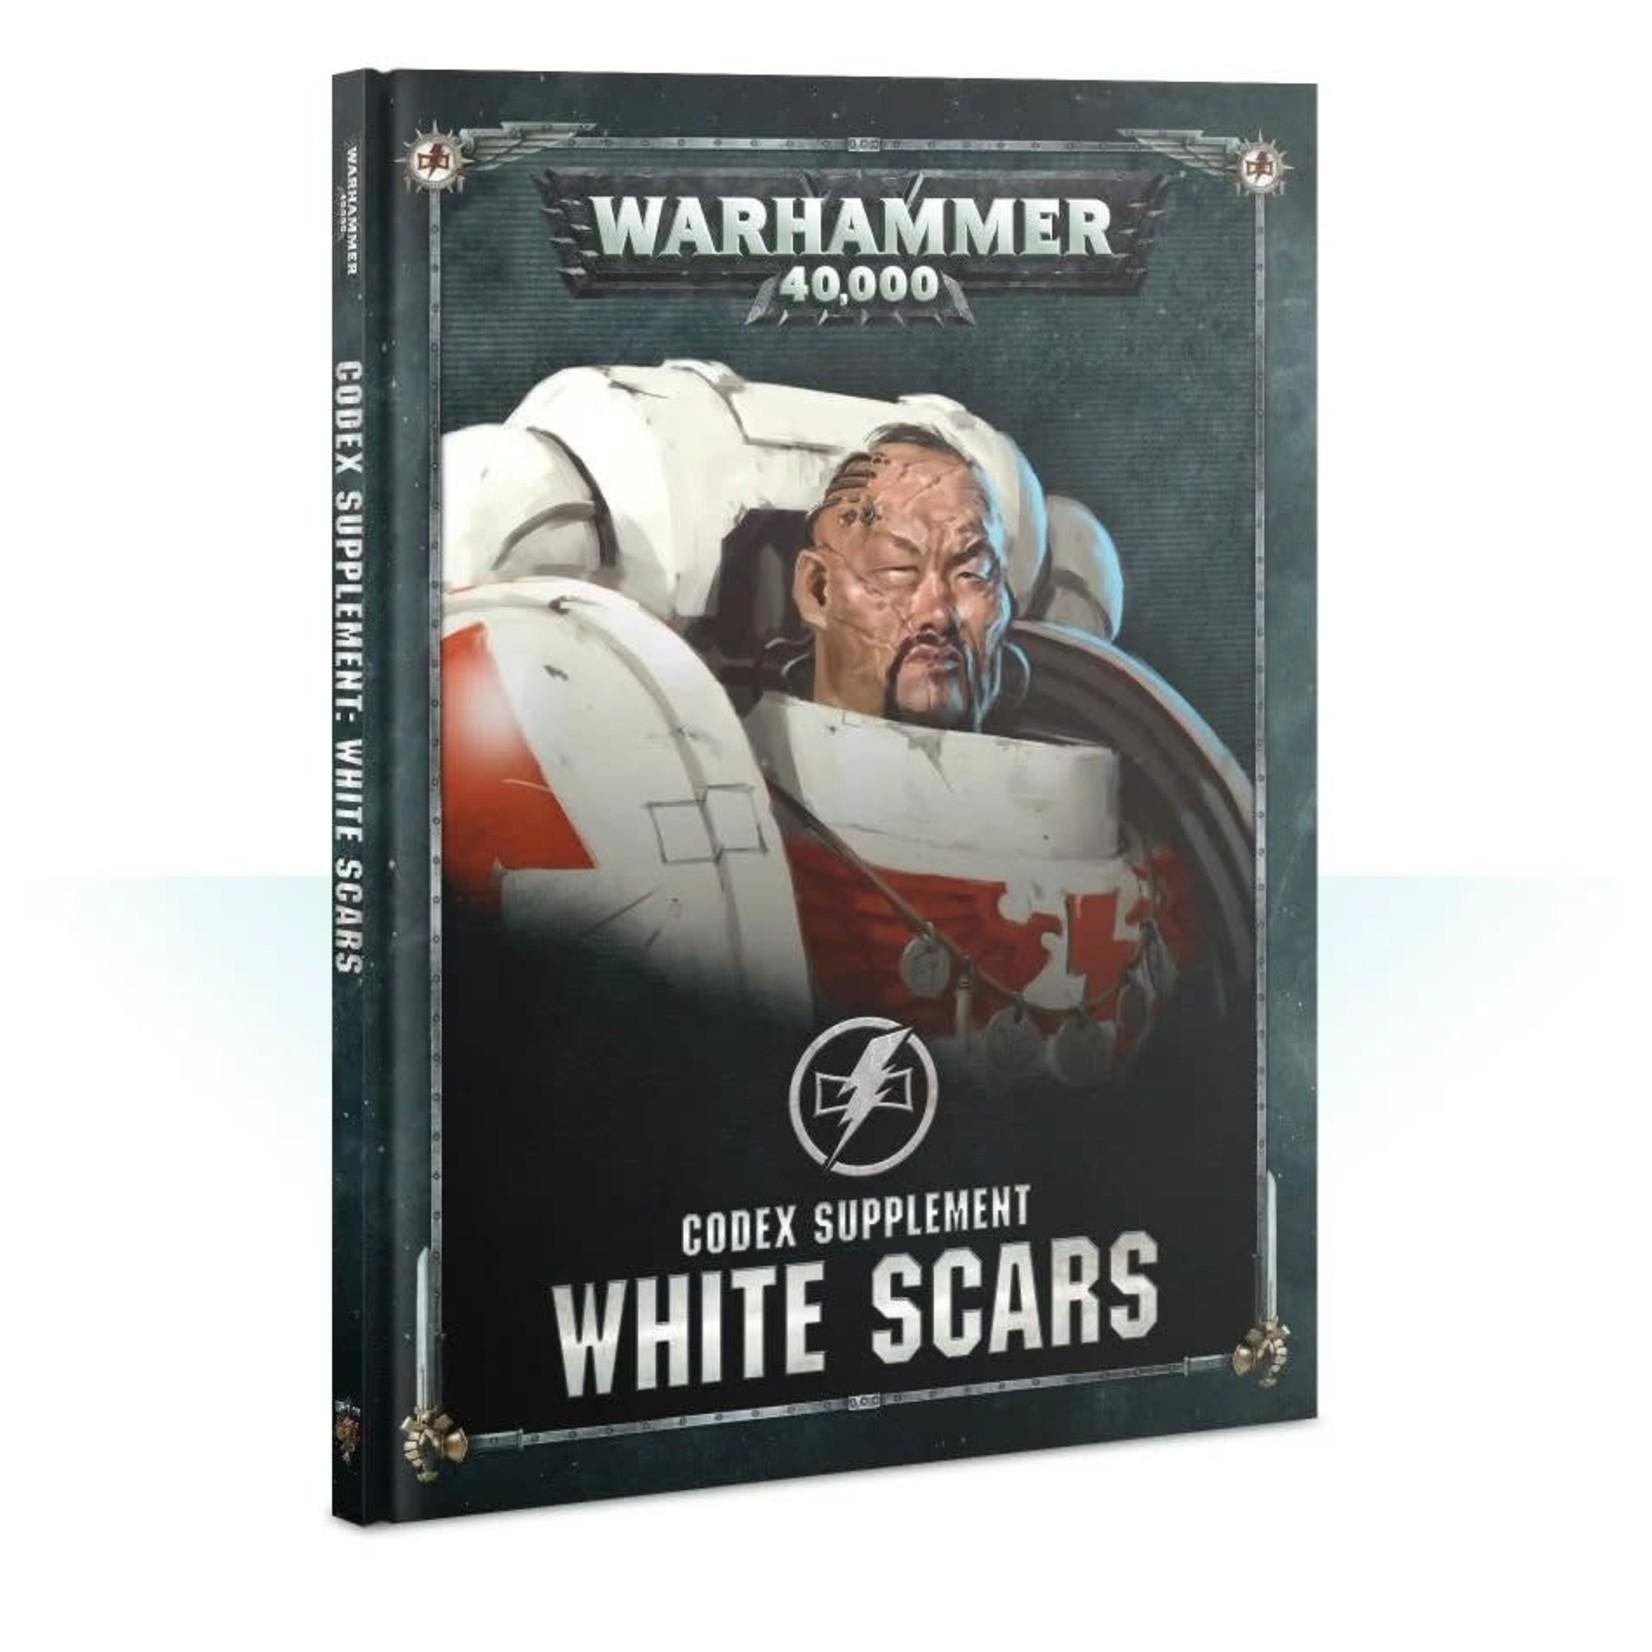 Games Workshop Warhammer 40k: White Scars - Codex Supplement